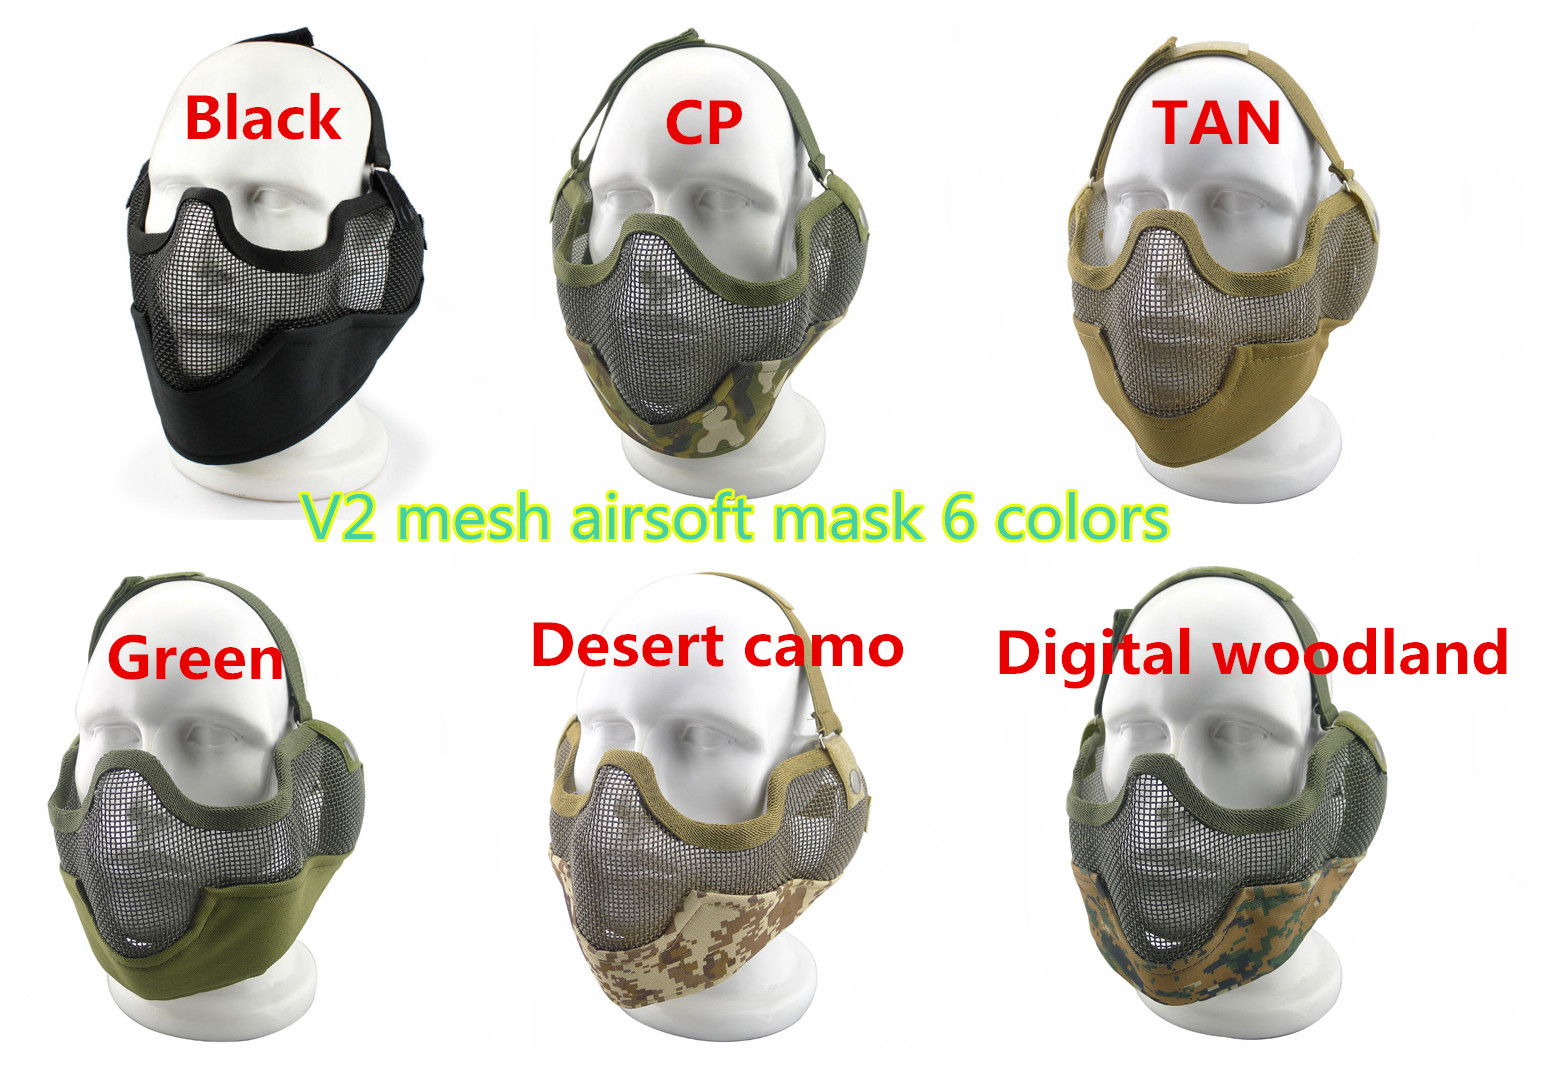 Nouveau Visage Masque Airsoft Strike V2 Acier Mesh Moitie Du Visage